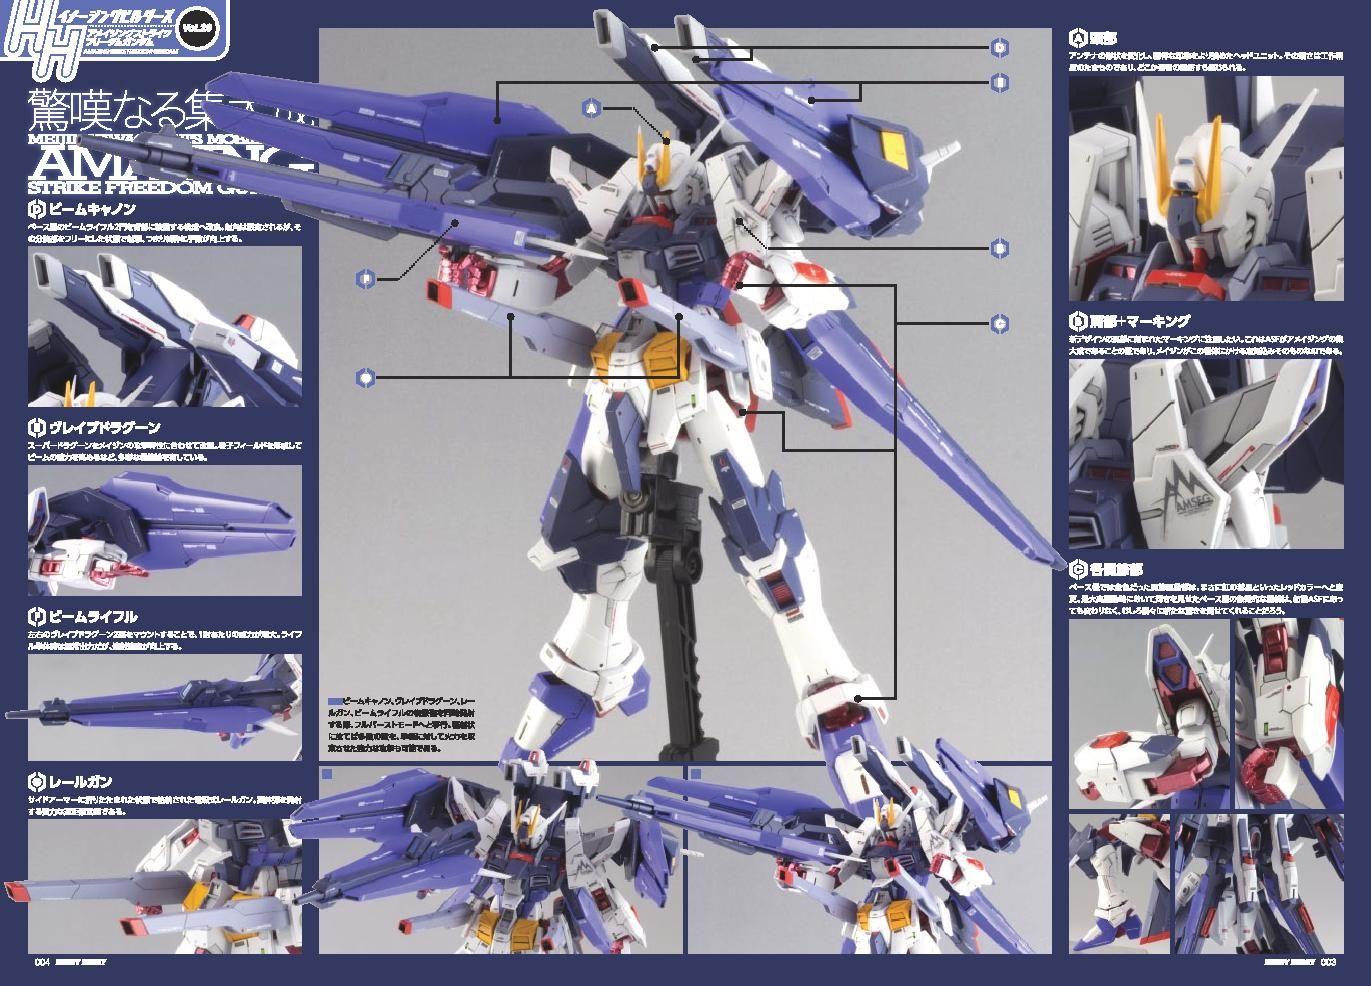 Hhib Features Hgbf 1 144 Amazing Strike Freedom Gundam Fin Funnel Equipment Type Gundam Kits Collection News And Revi Gundam Cross Silhouette Gundam Model